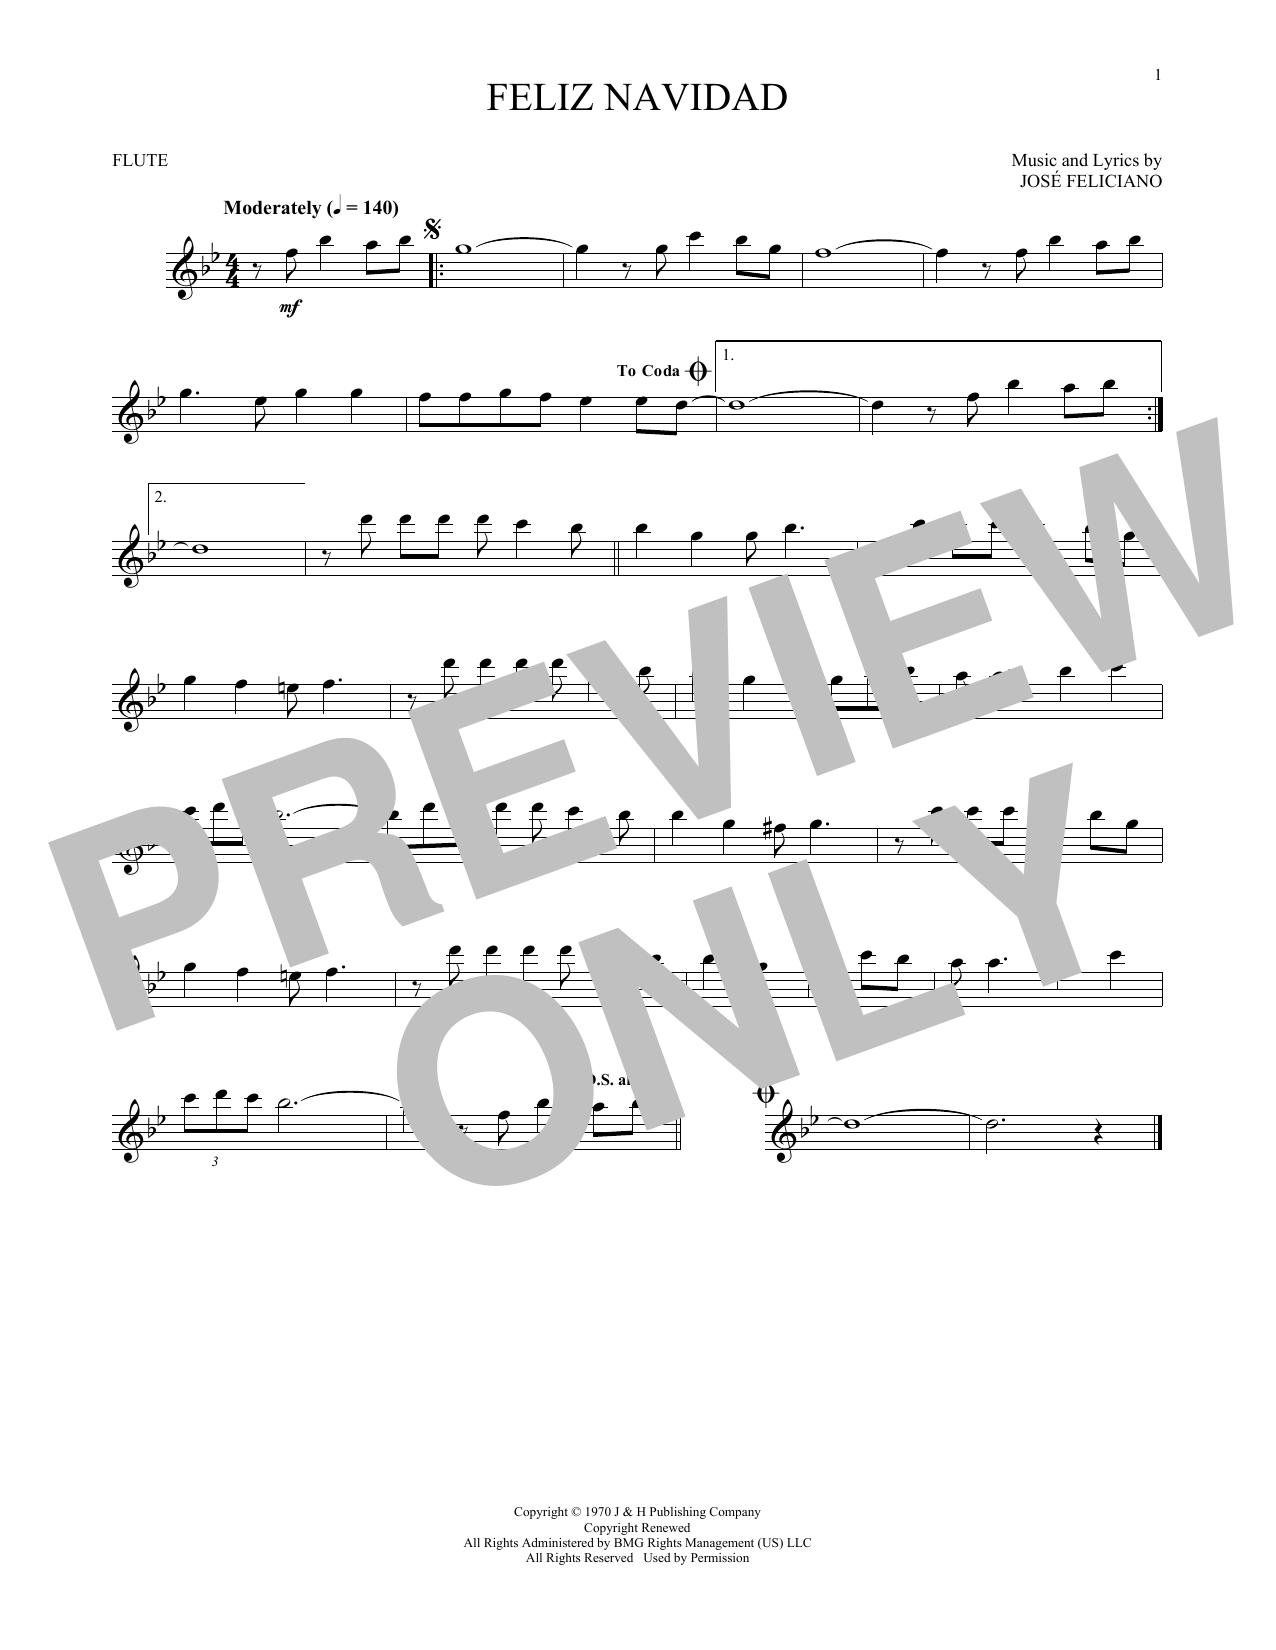 Feliz Navidad (Flute Solo)